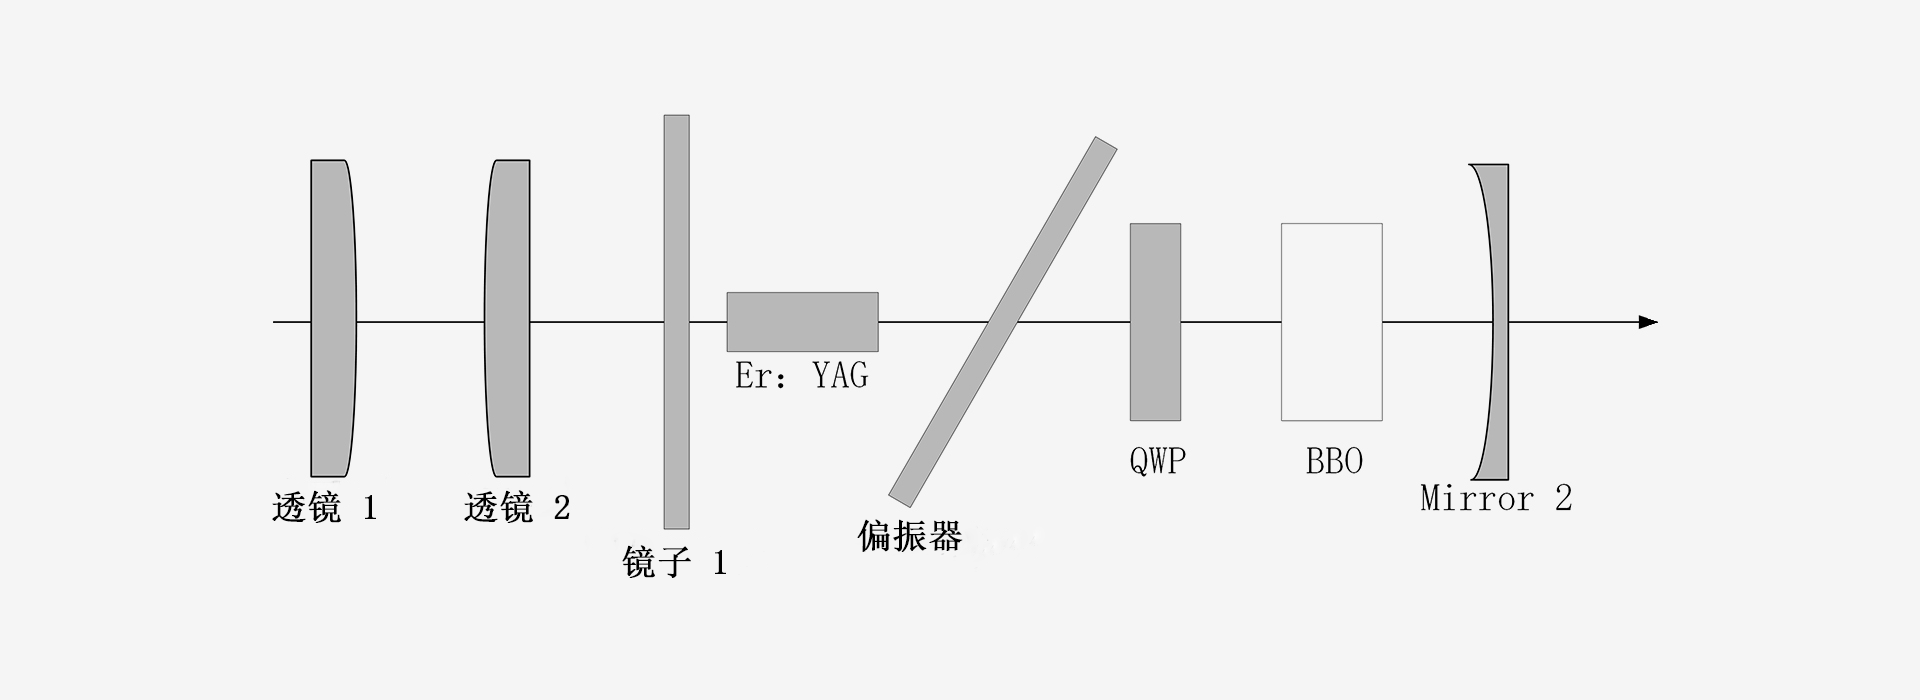 1600-激光器原理图-南京光宝-CRYLINK